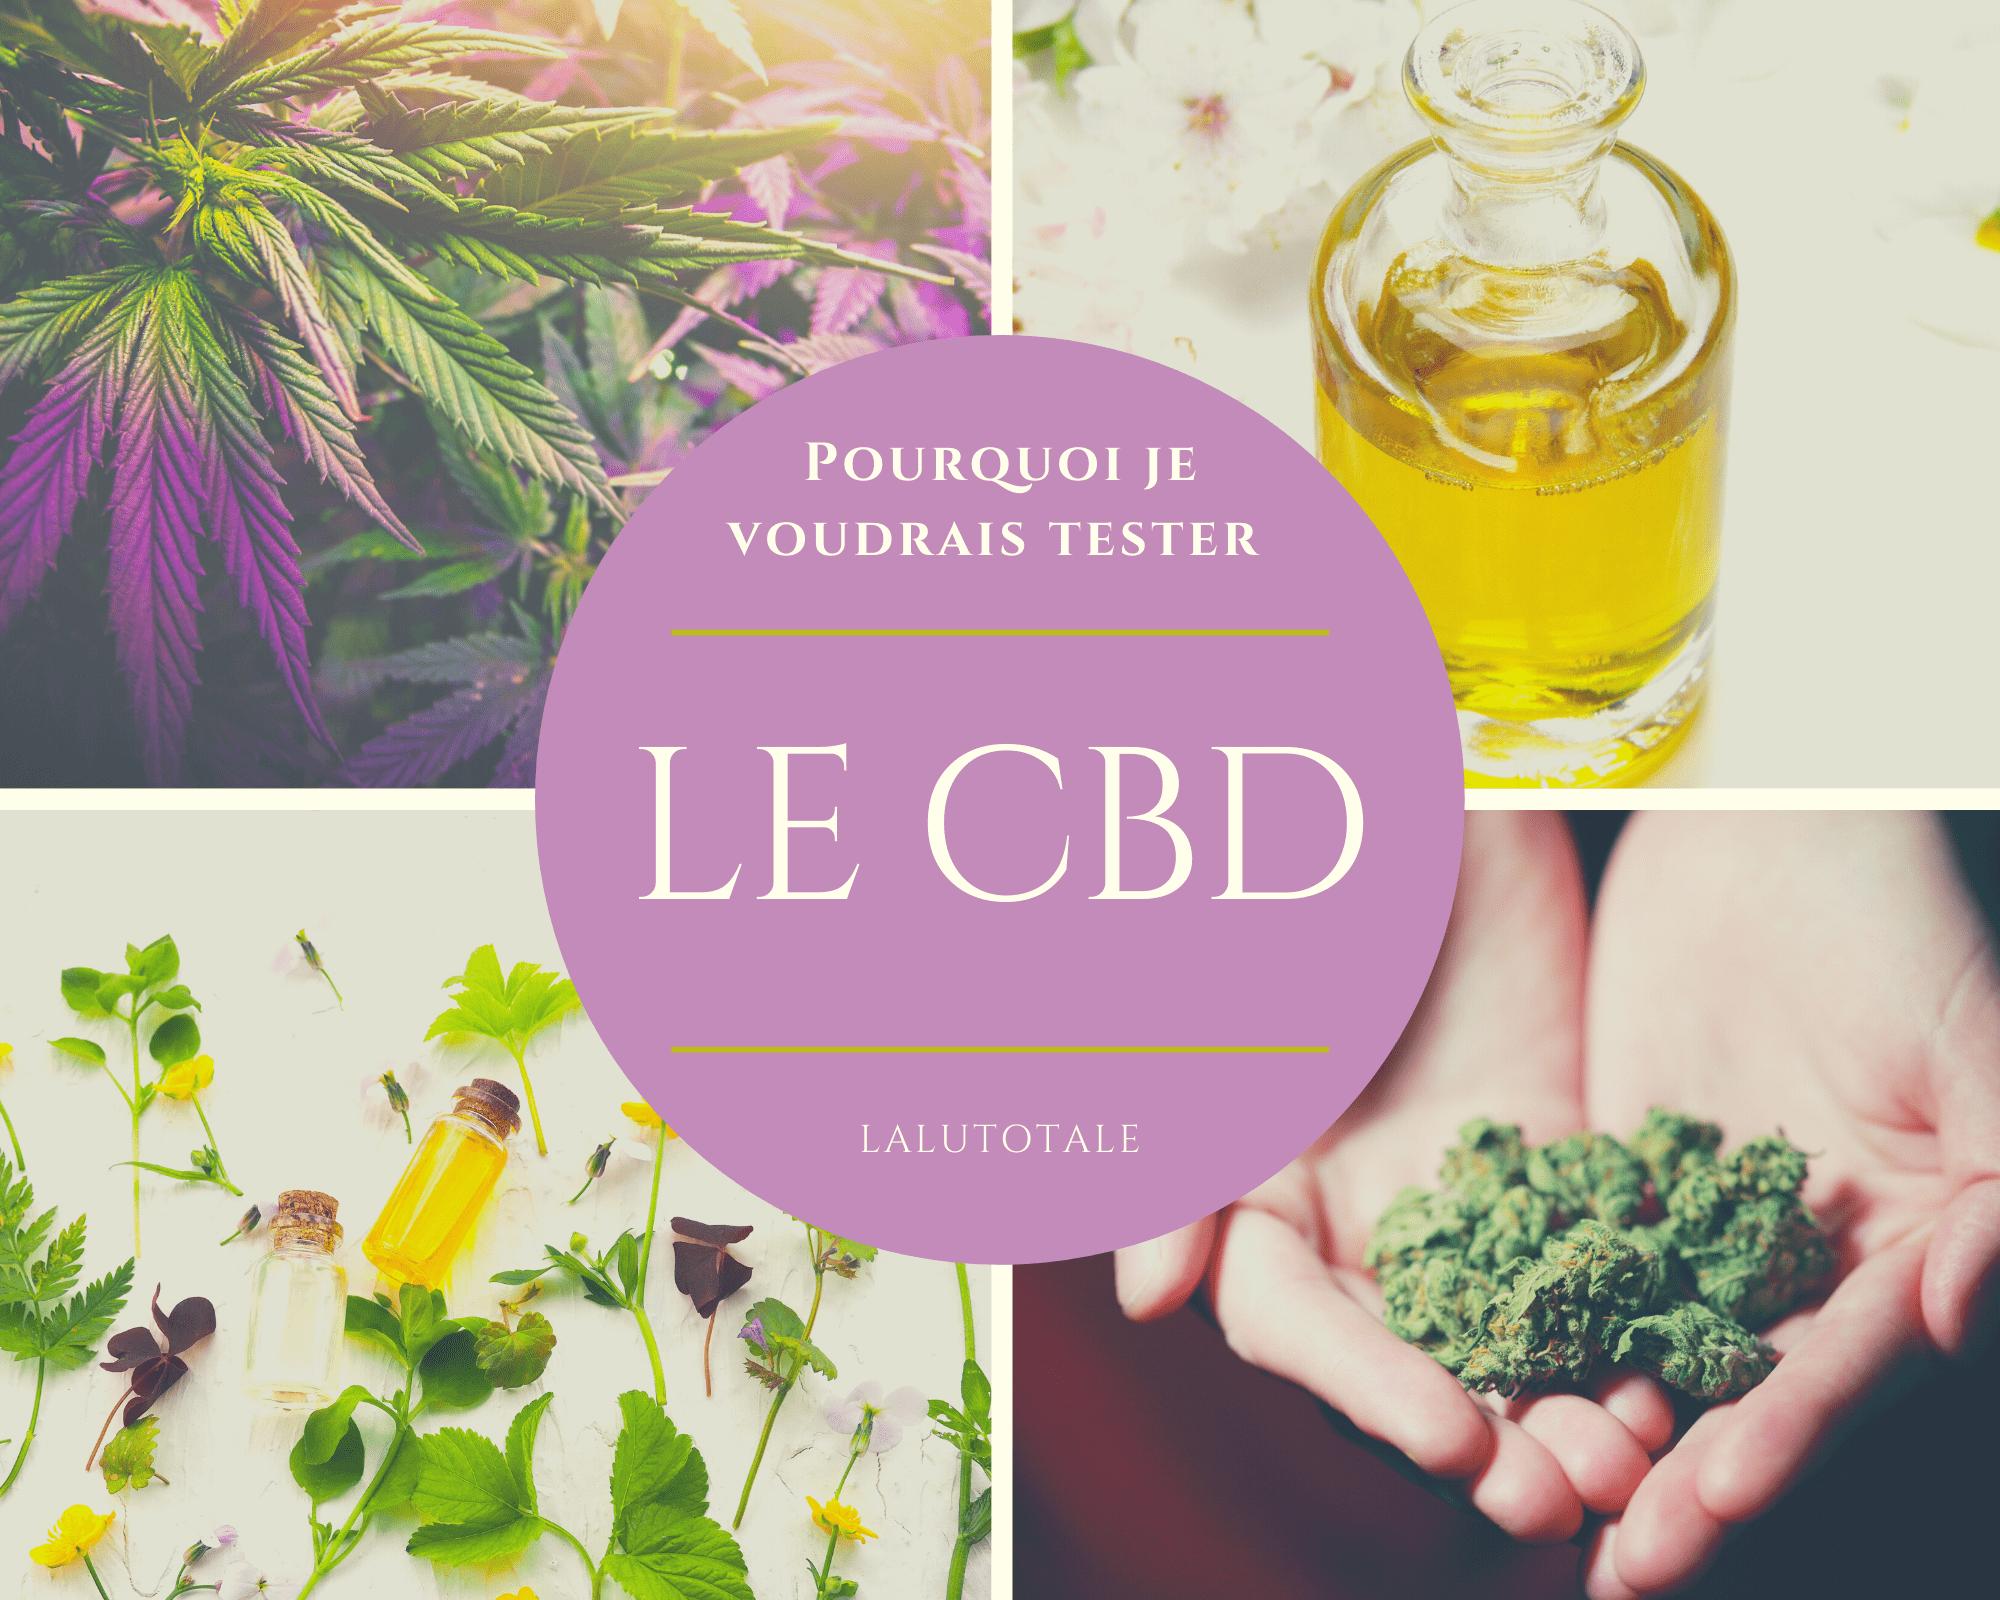 Le CBD : du cannabis dans mes cosmétiques et compléments alimentaires ?! 🌿